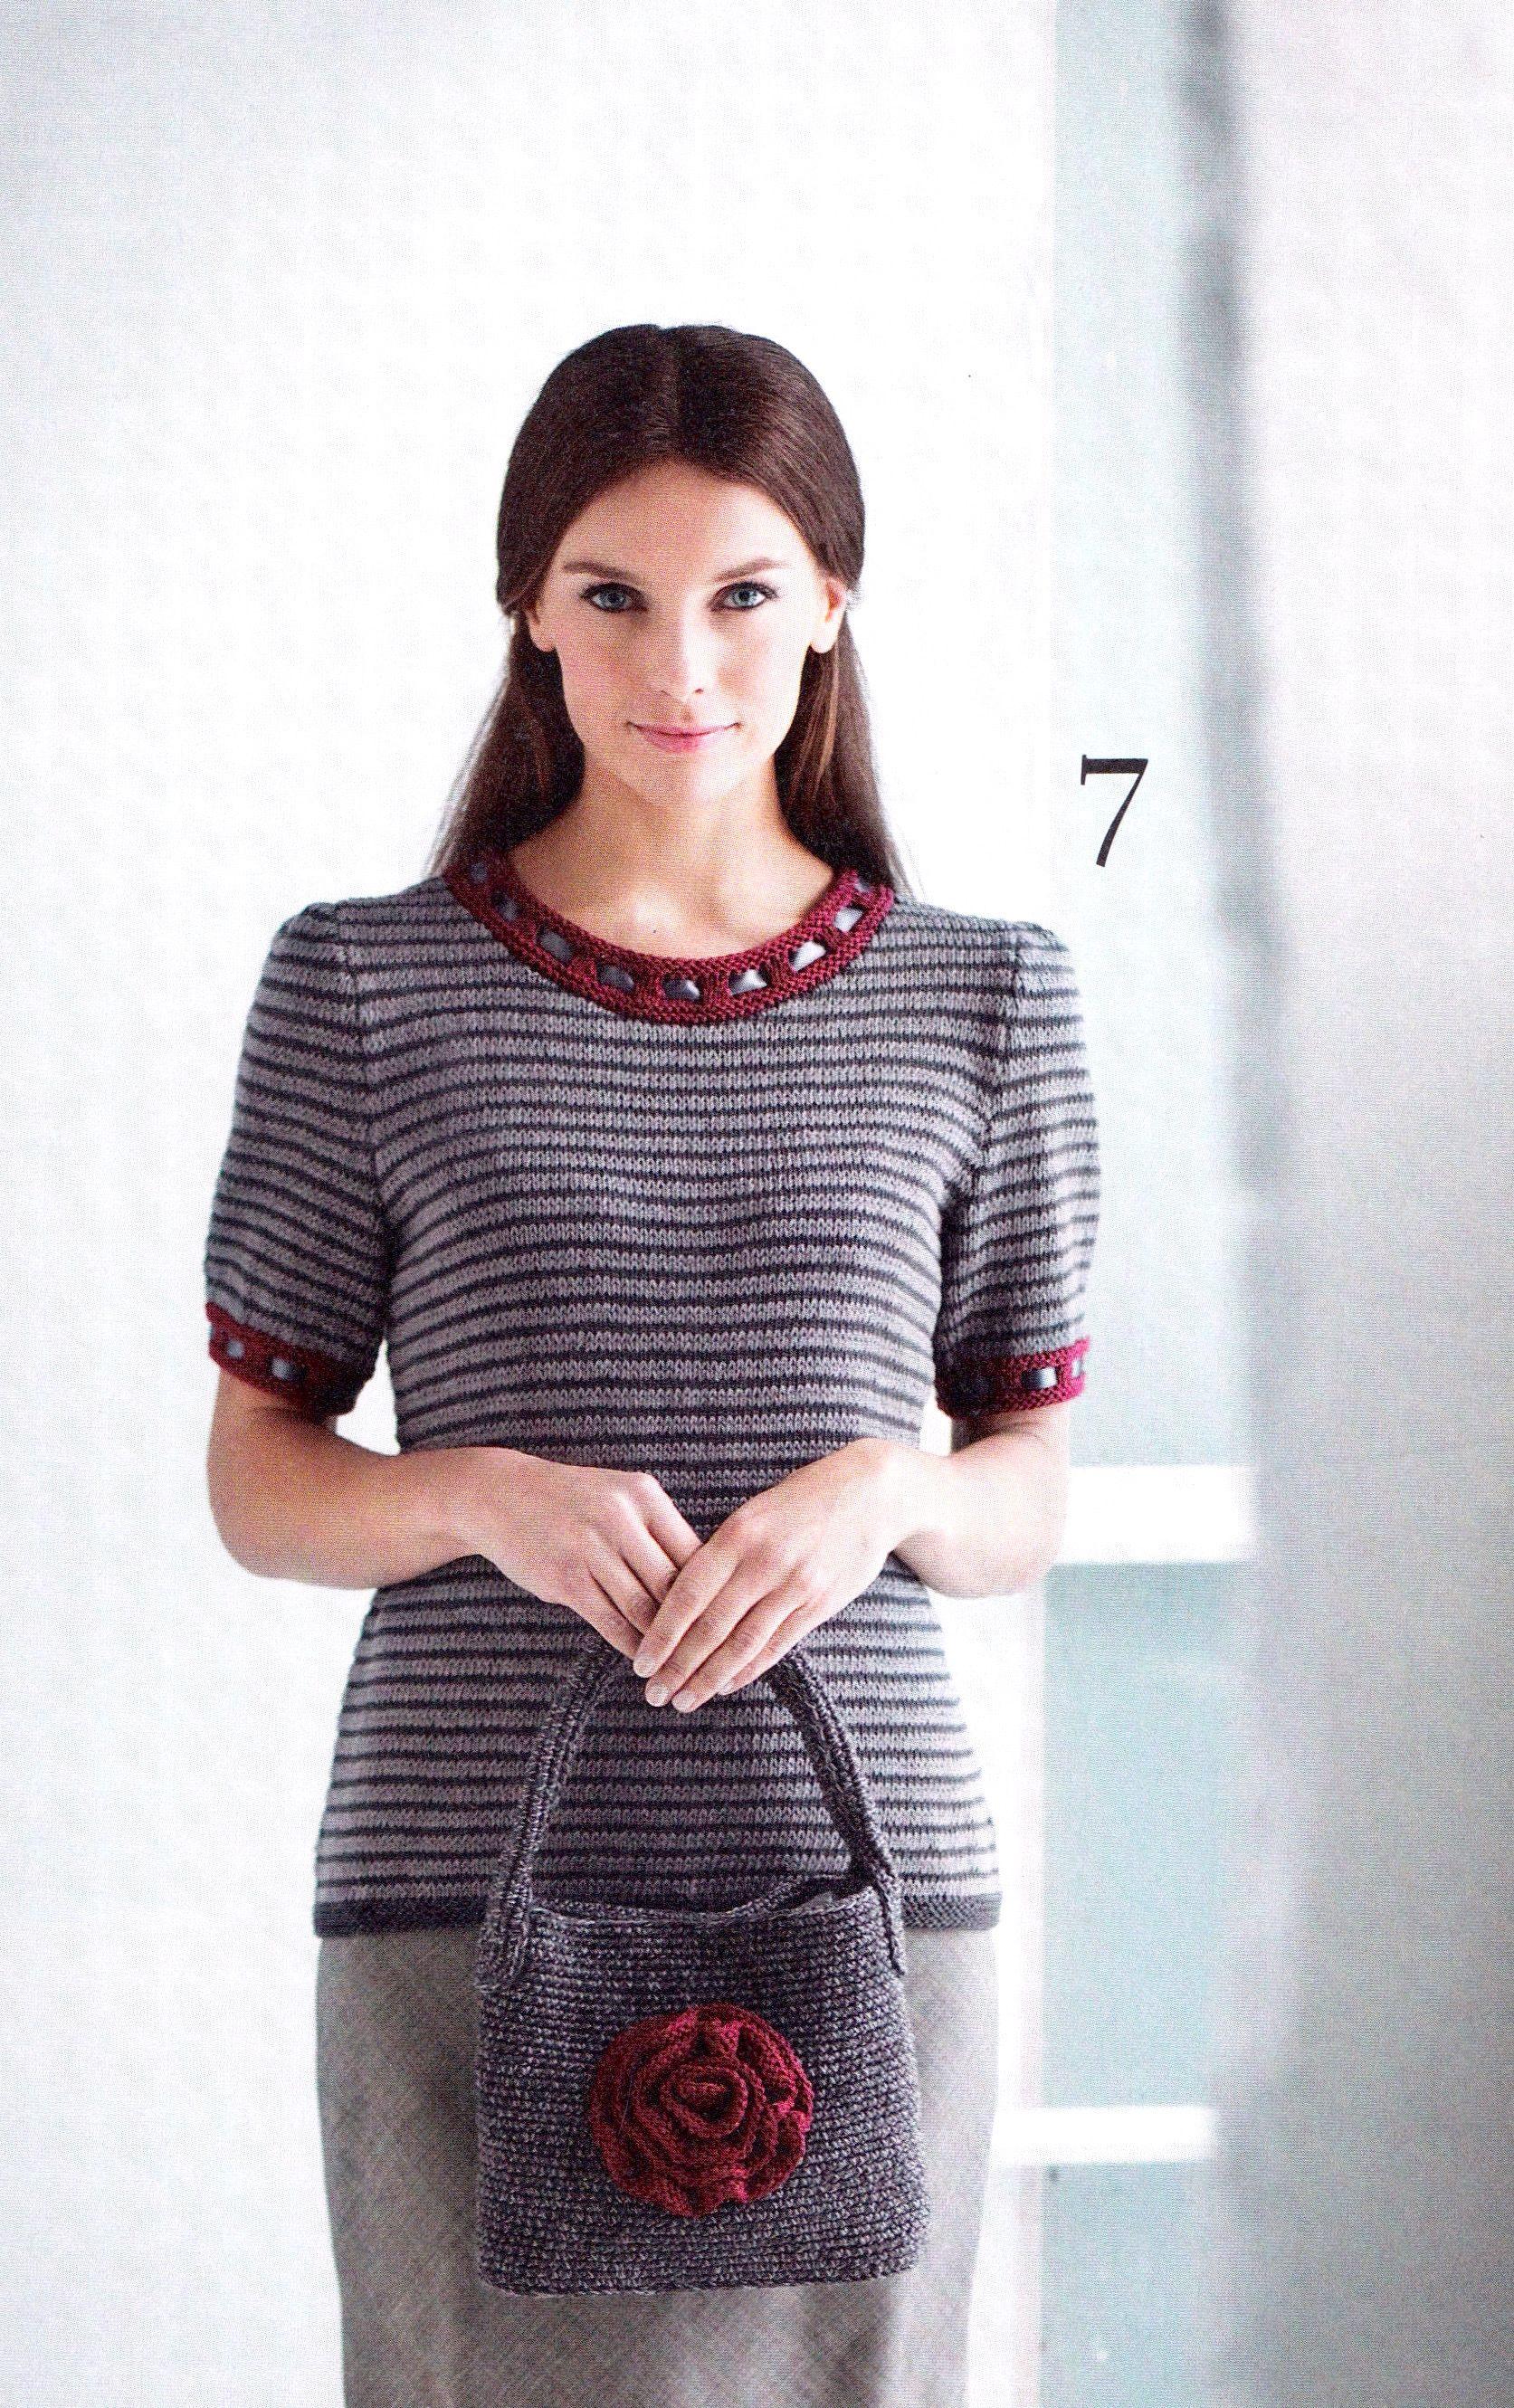 Moda 2/11, Kotiliesi Neuleet Käsityöextra 2/14. Cotton t-skirt by Pia Heilä for Lankava Oy. http://www.lankava.fi/WebRoot/esito/Shops/esito/MediaGallery/OHJEET/Harmaa_raitapusero.pdf